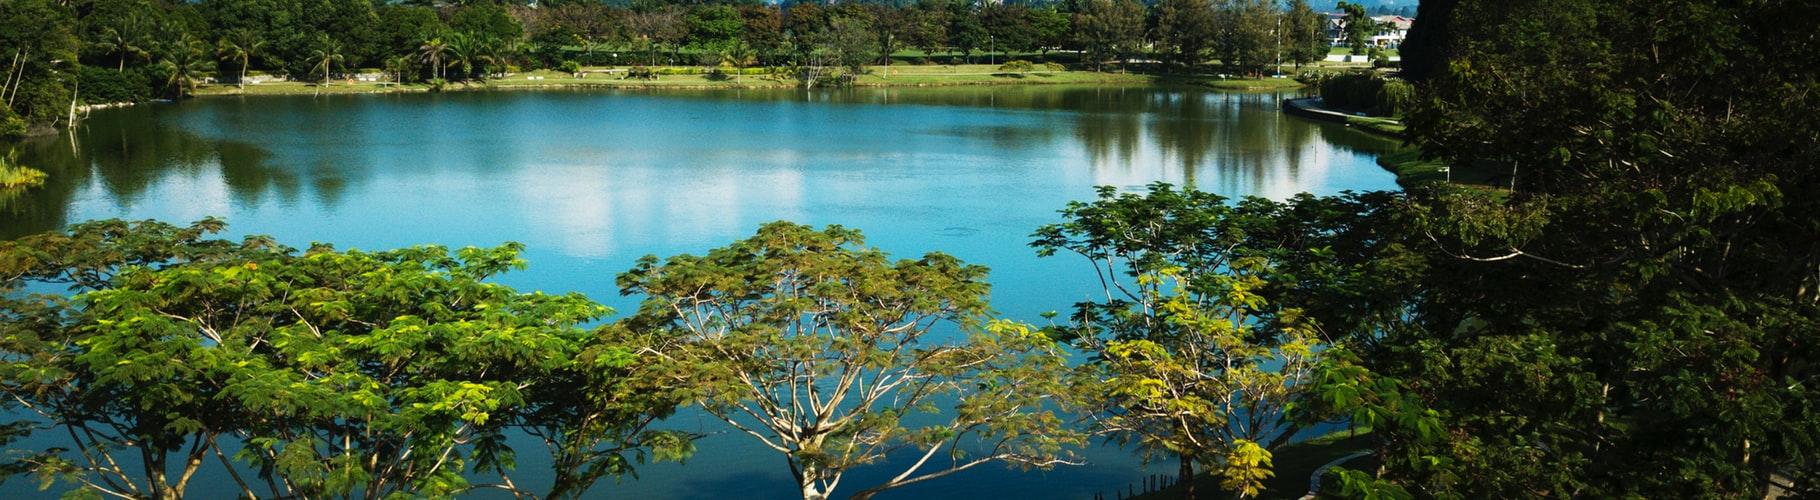 A beautiful lake